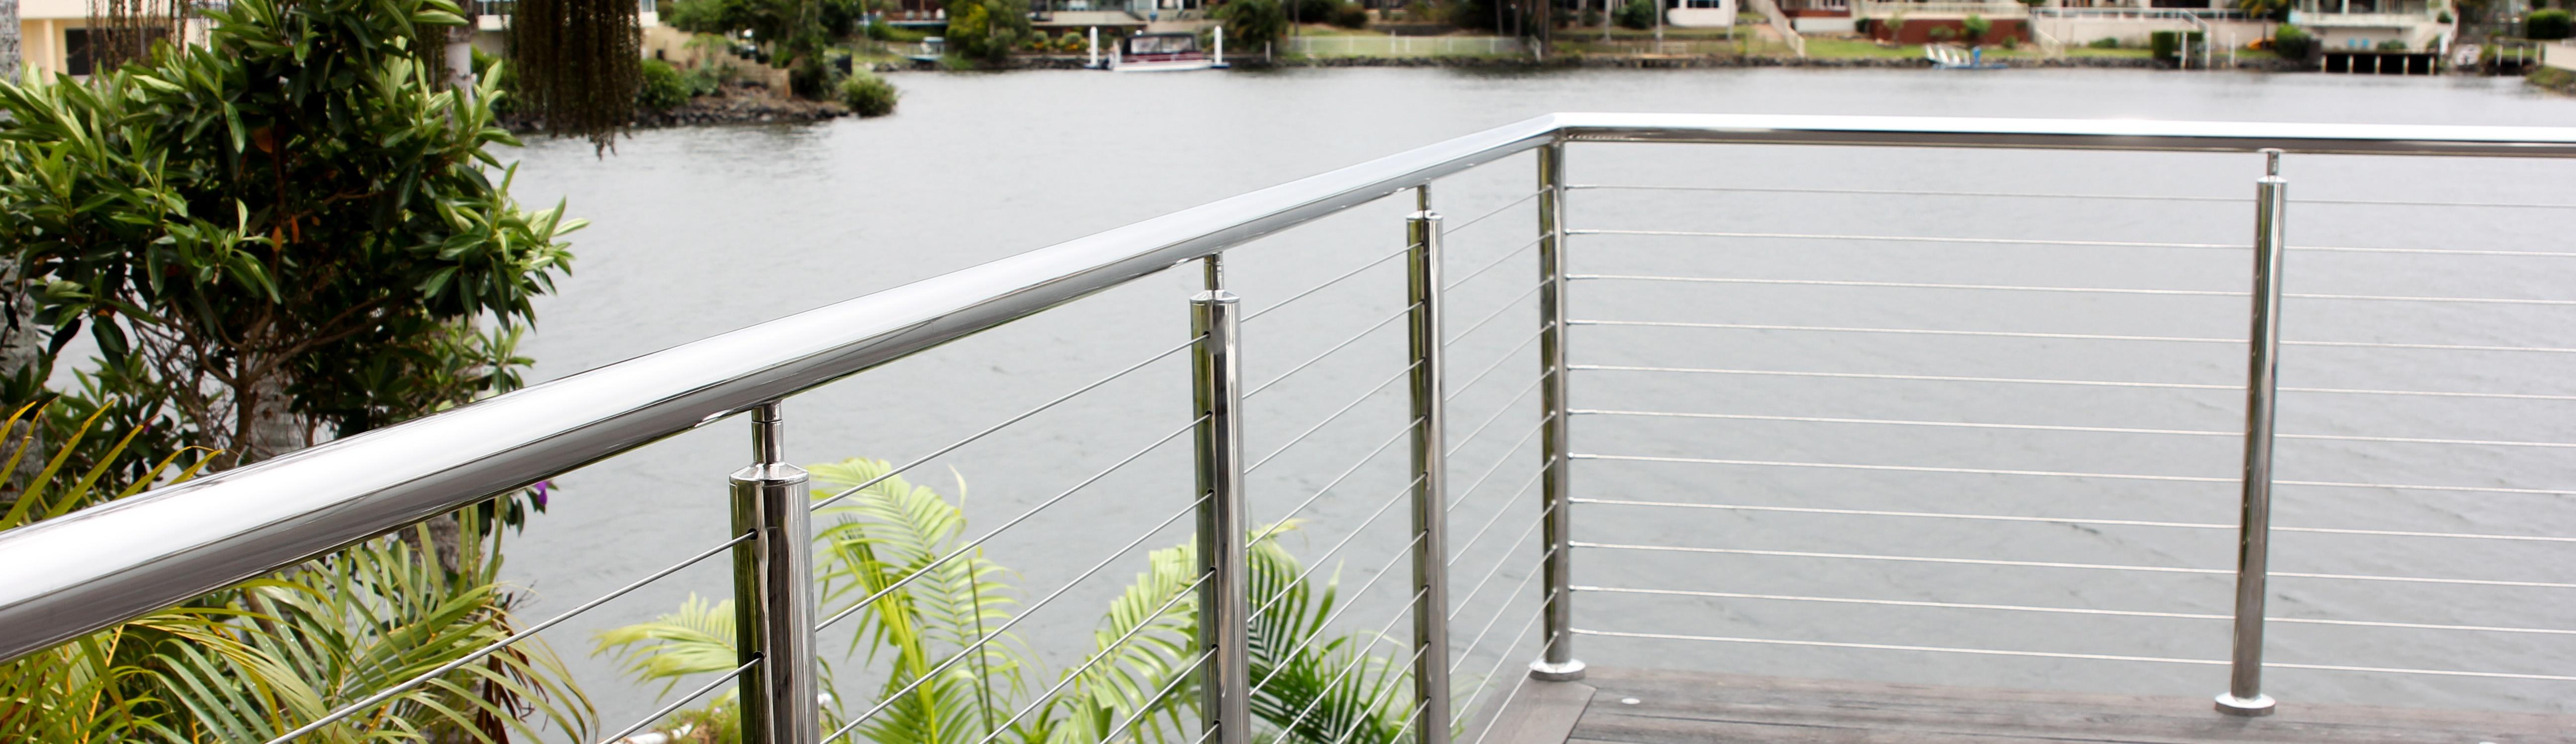 stainless steel round handrail.jpg